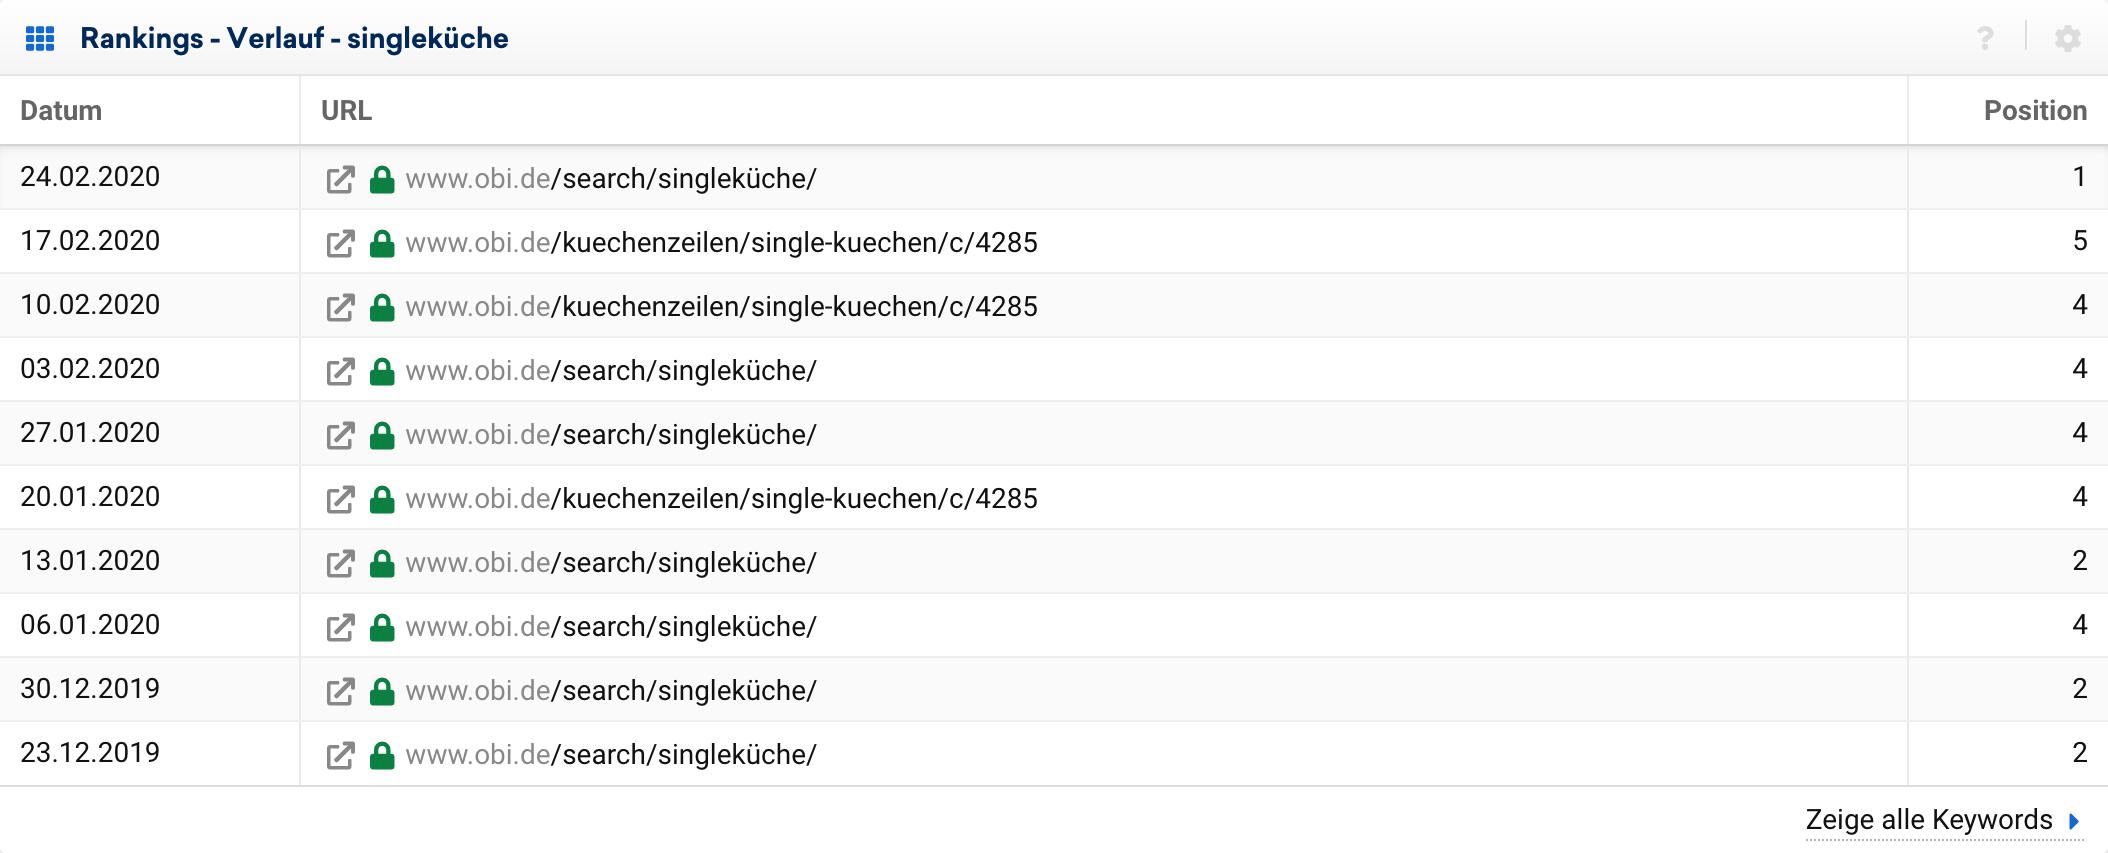 Ansicht der am besten rankenden URL für die Domain obi.de bei dem Keyword singleküche über die letzten 10 Wochen. Die meiste Zeit rankt /search/singleküche/ jedoch gibt es drei Datenpunkt bei denen die URL /kuechenzeilen/single-kuechen/c/4285 rankt.